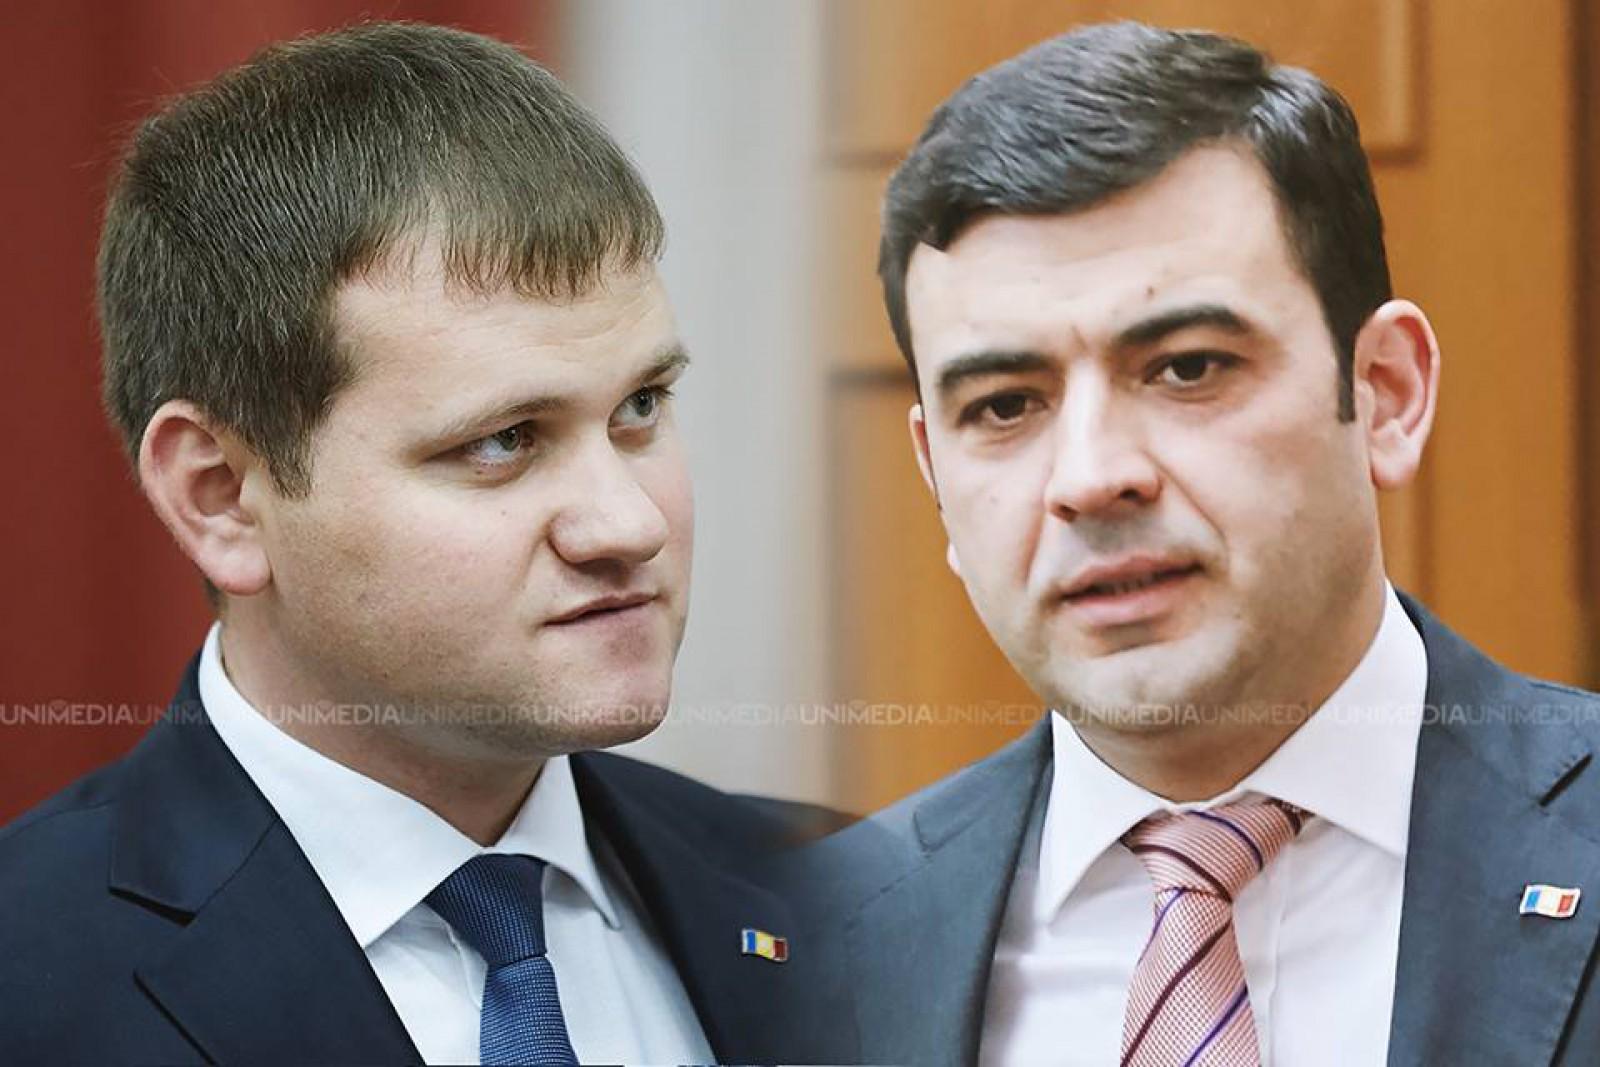 (doc) Ministerul Educației răspunde demersului cu referire la diploma lui Gaburici: Petițiile adresate a doua oară, care nu conțin argumente noi, nu se reexaminează